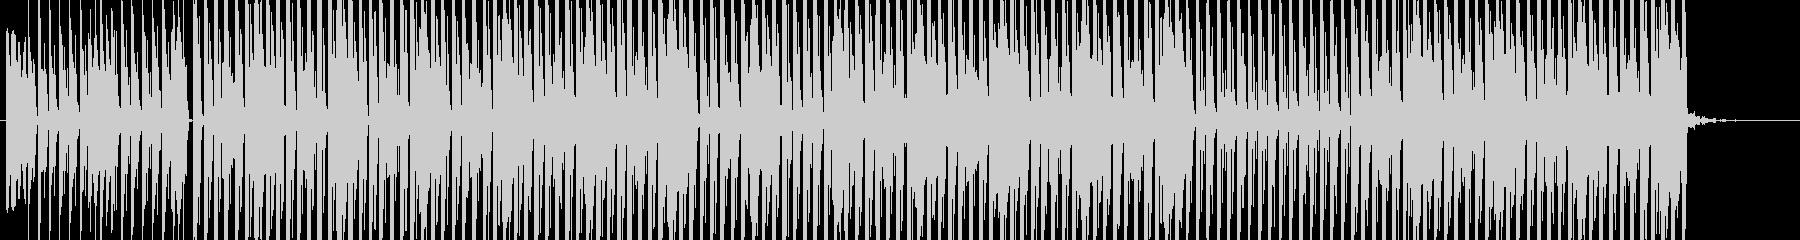 ヒップホップインストゥルメンタルは...の未再生の波形